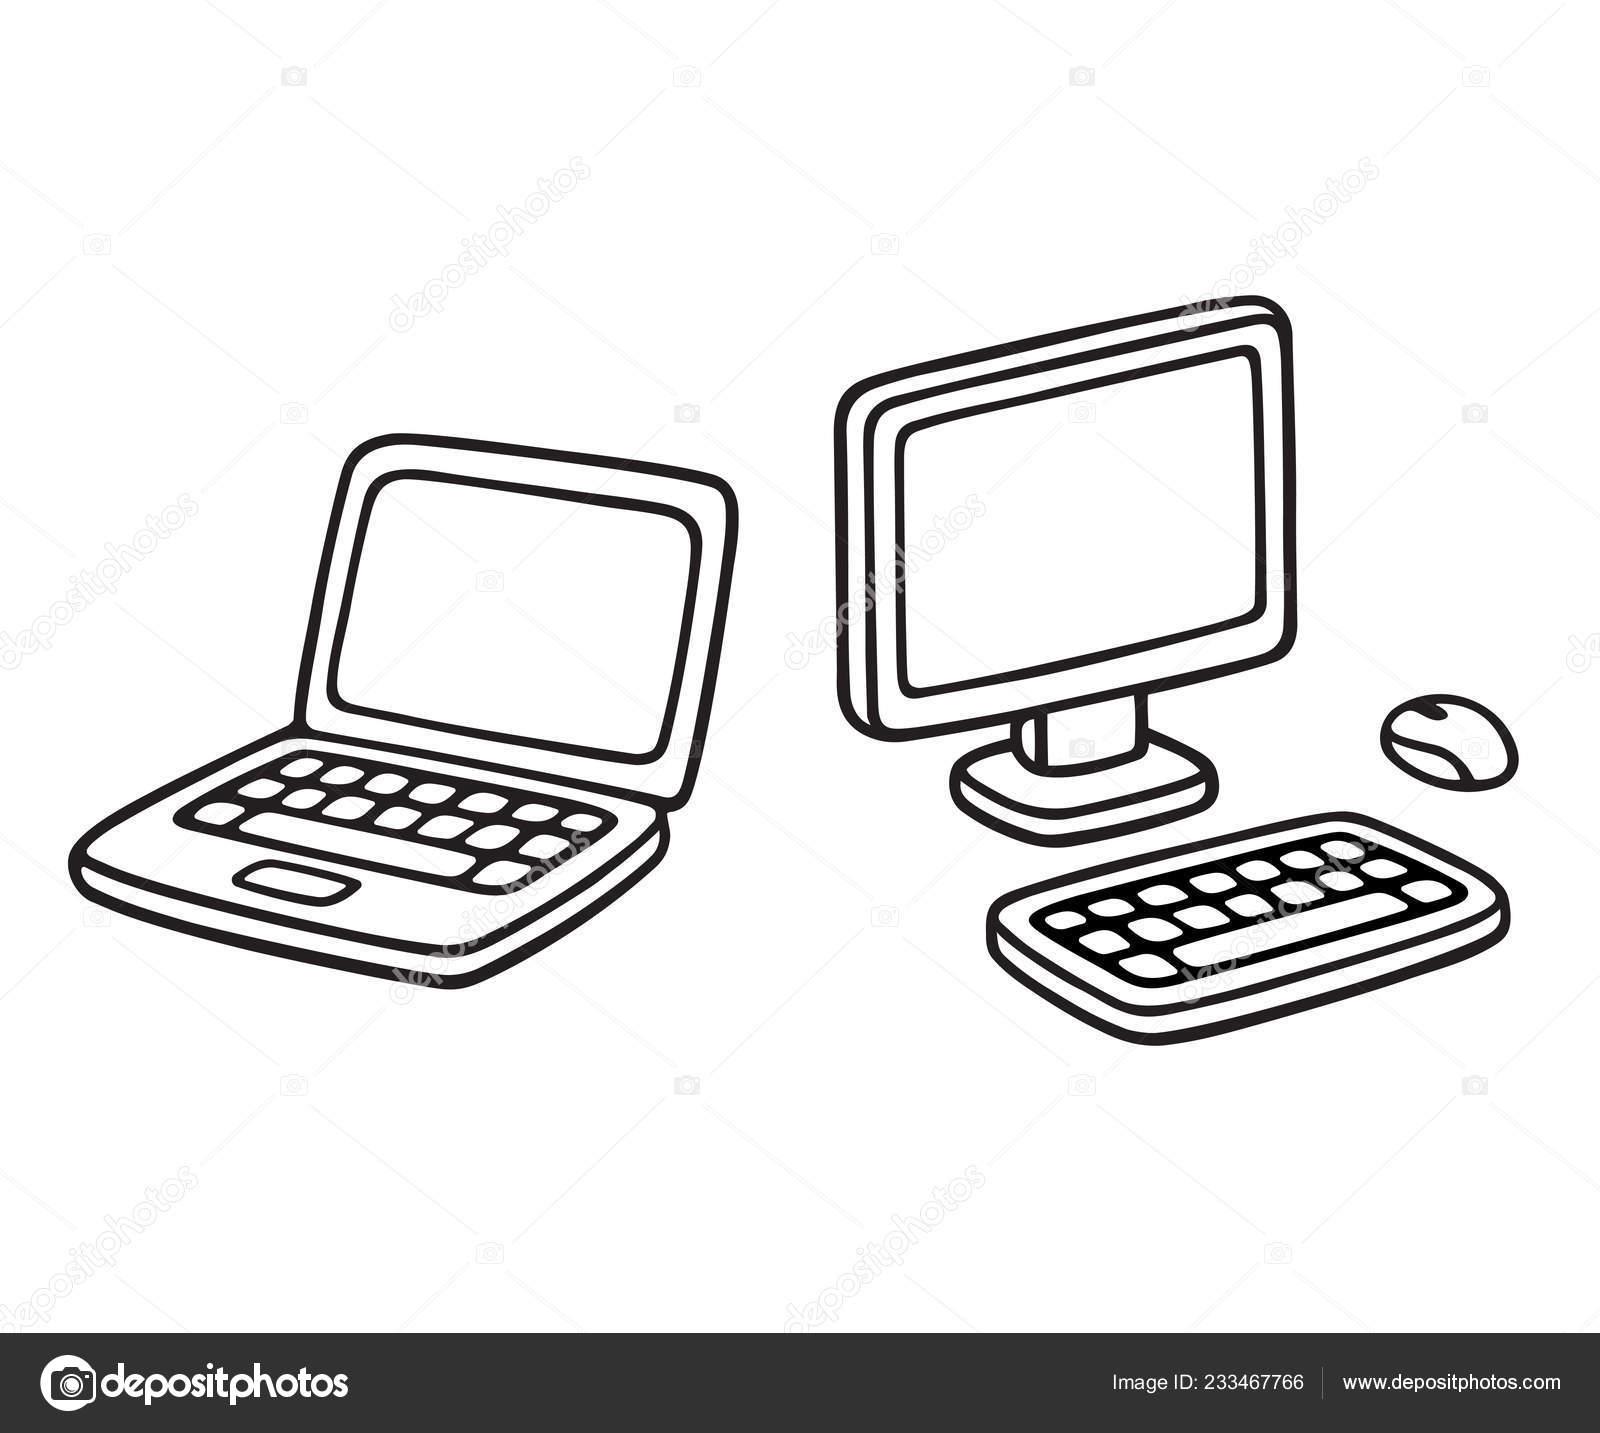 Laptop Desktop Sketch Icon Cartoon Computer Doodle